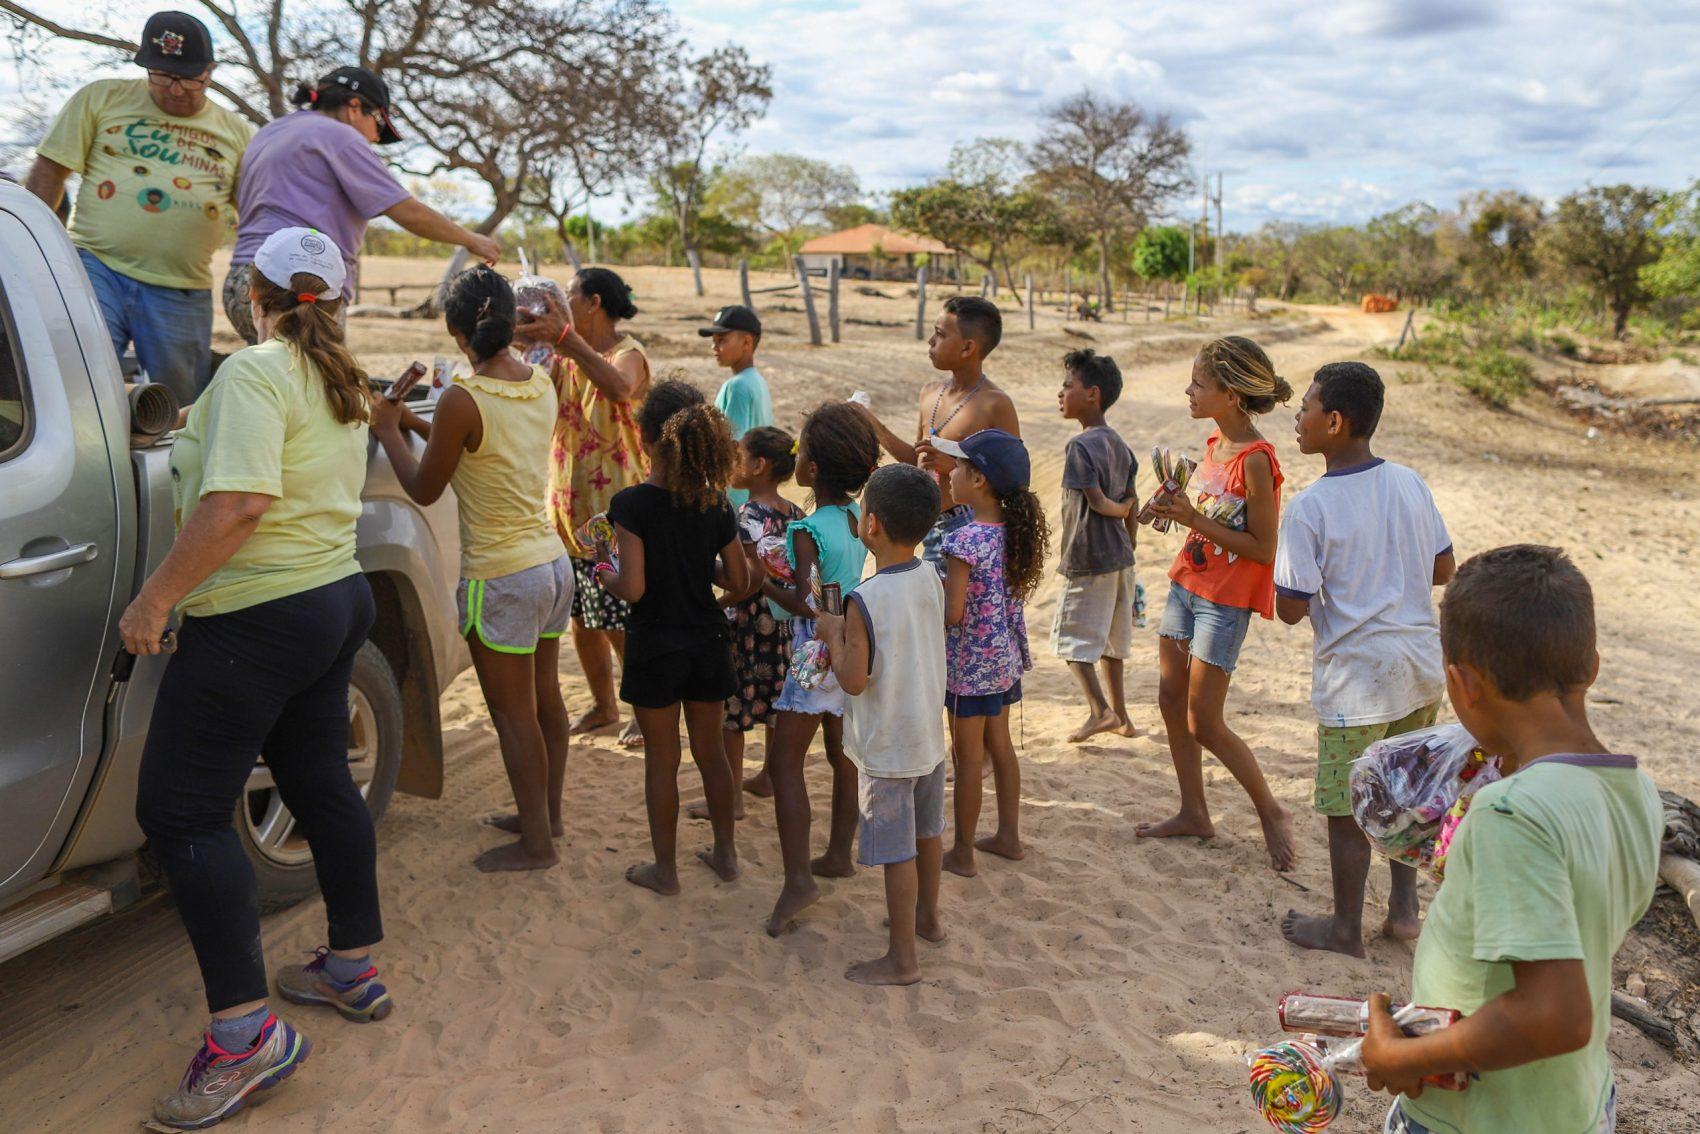 Indígenas fazem fila para receber daoções da ONG Amigos de Minas: carga dos caminhões nunca dá para todos (Foto: Flavio Tavares/Projeto Colabora)